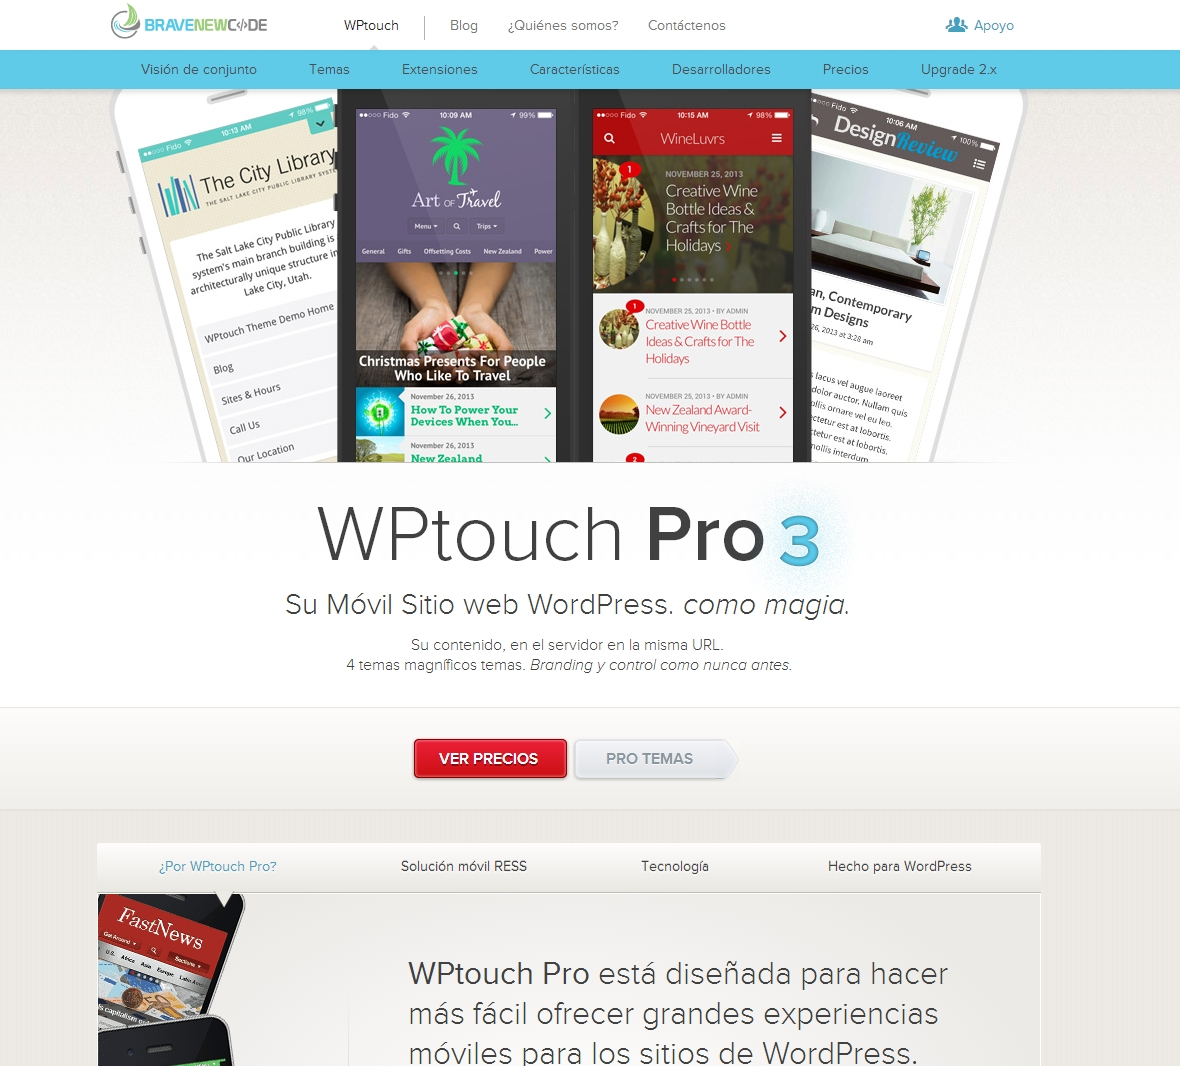 Plugins de wordpress que permiten transformar una web para que sea adaptable a los móviles.